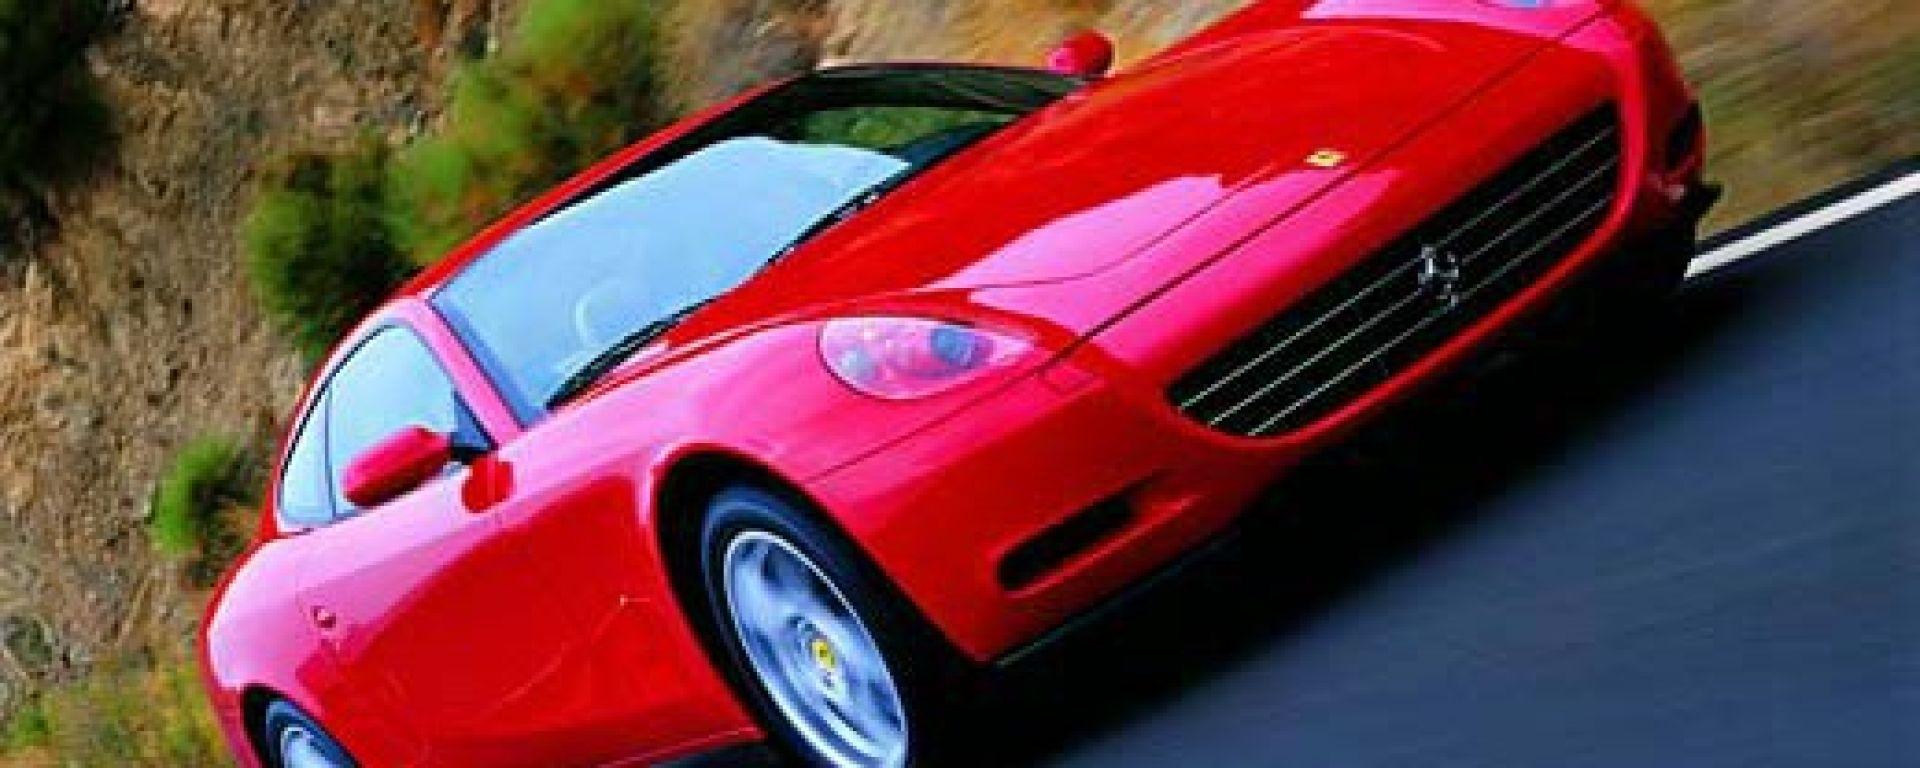 La Ferrari 612 Scaglietti in 70 immagini inedite